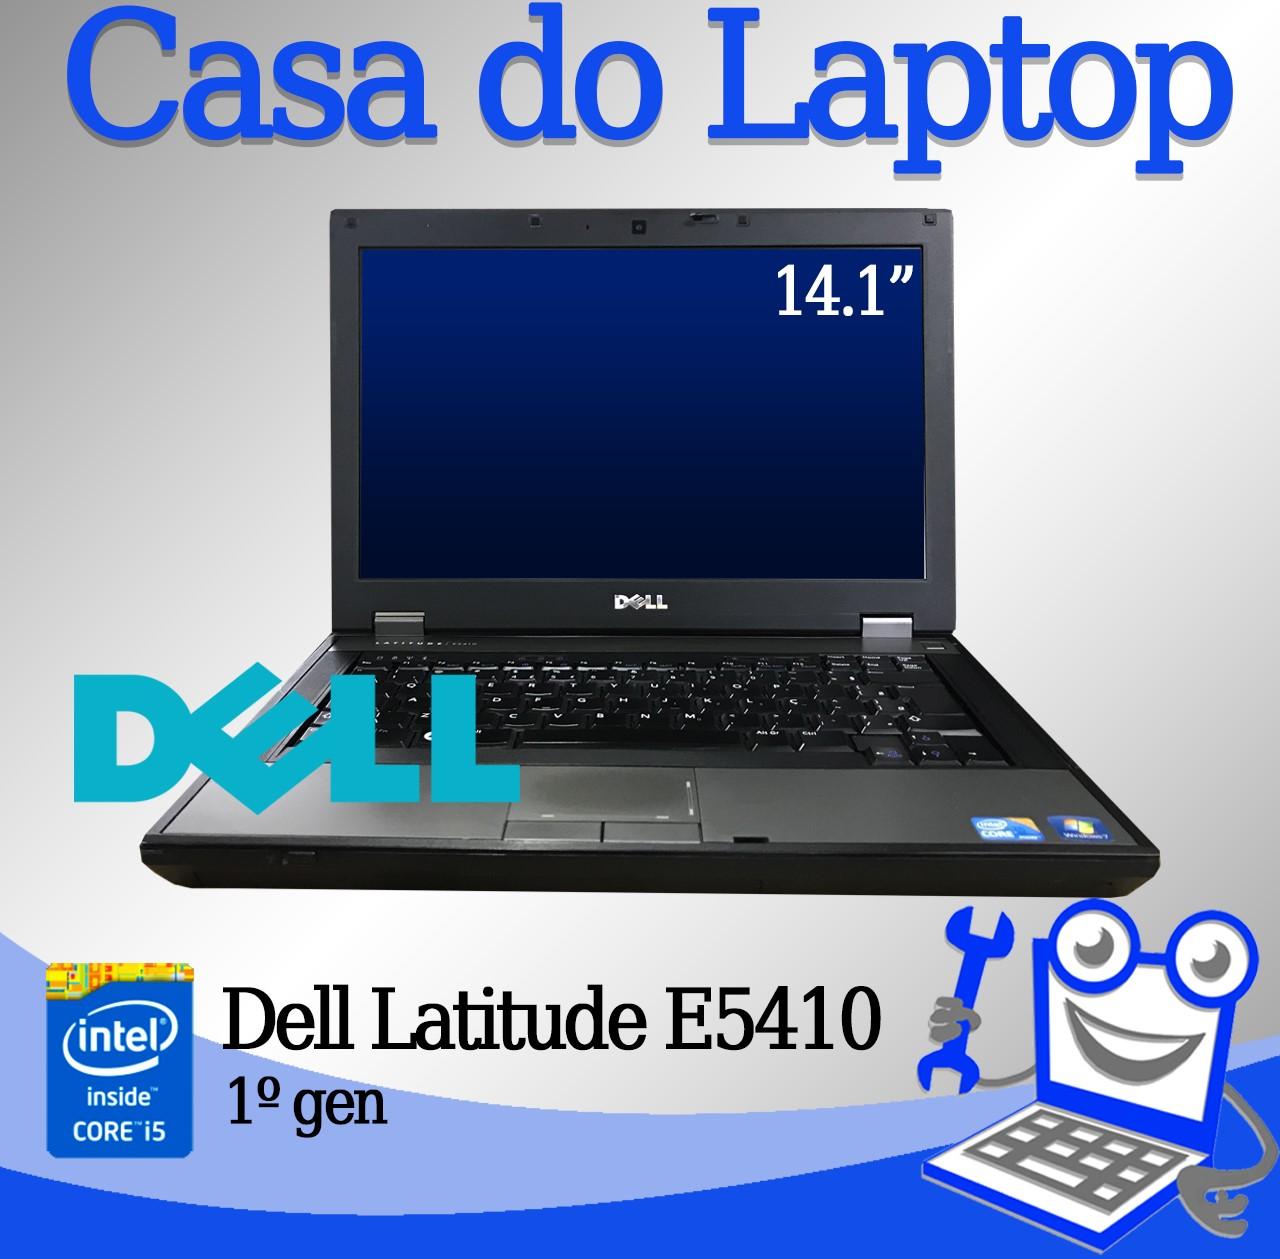 Laptop Dell Latitude E5410 Intel i5 1° Geração 4GB de memória RAM e 320GB Disco